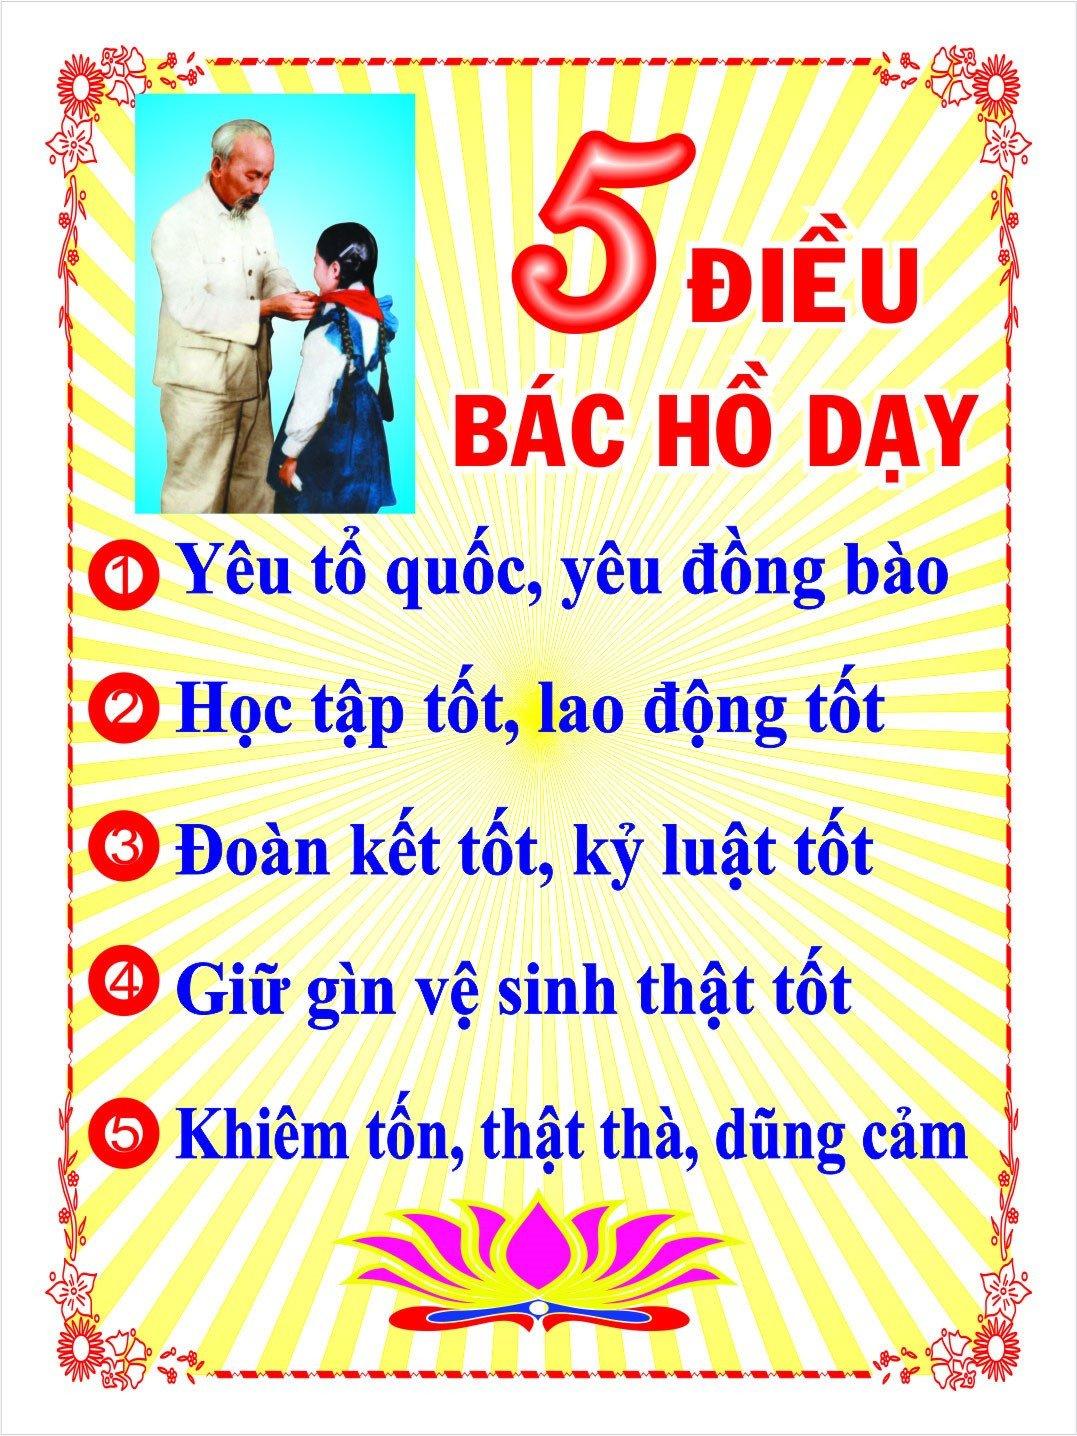 Ngày quốc tế thiếu nhi ở Việt Nam